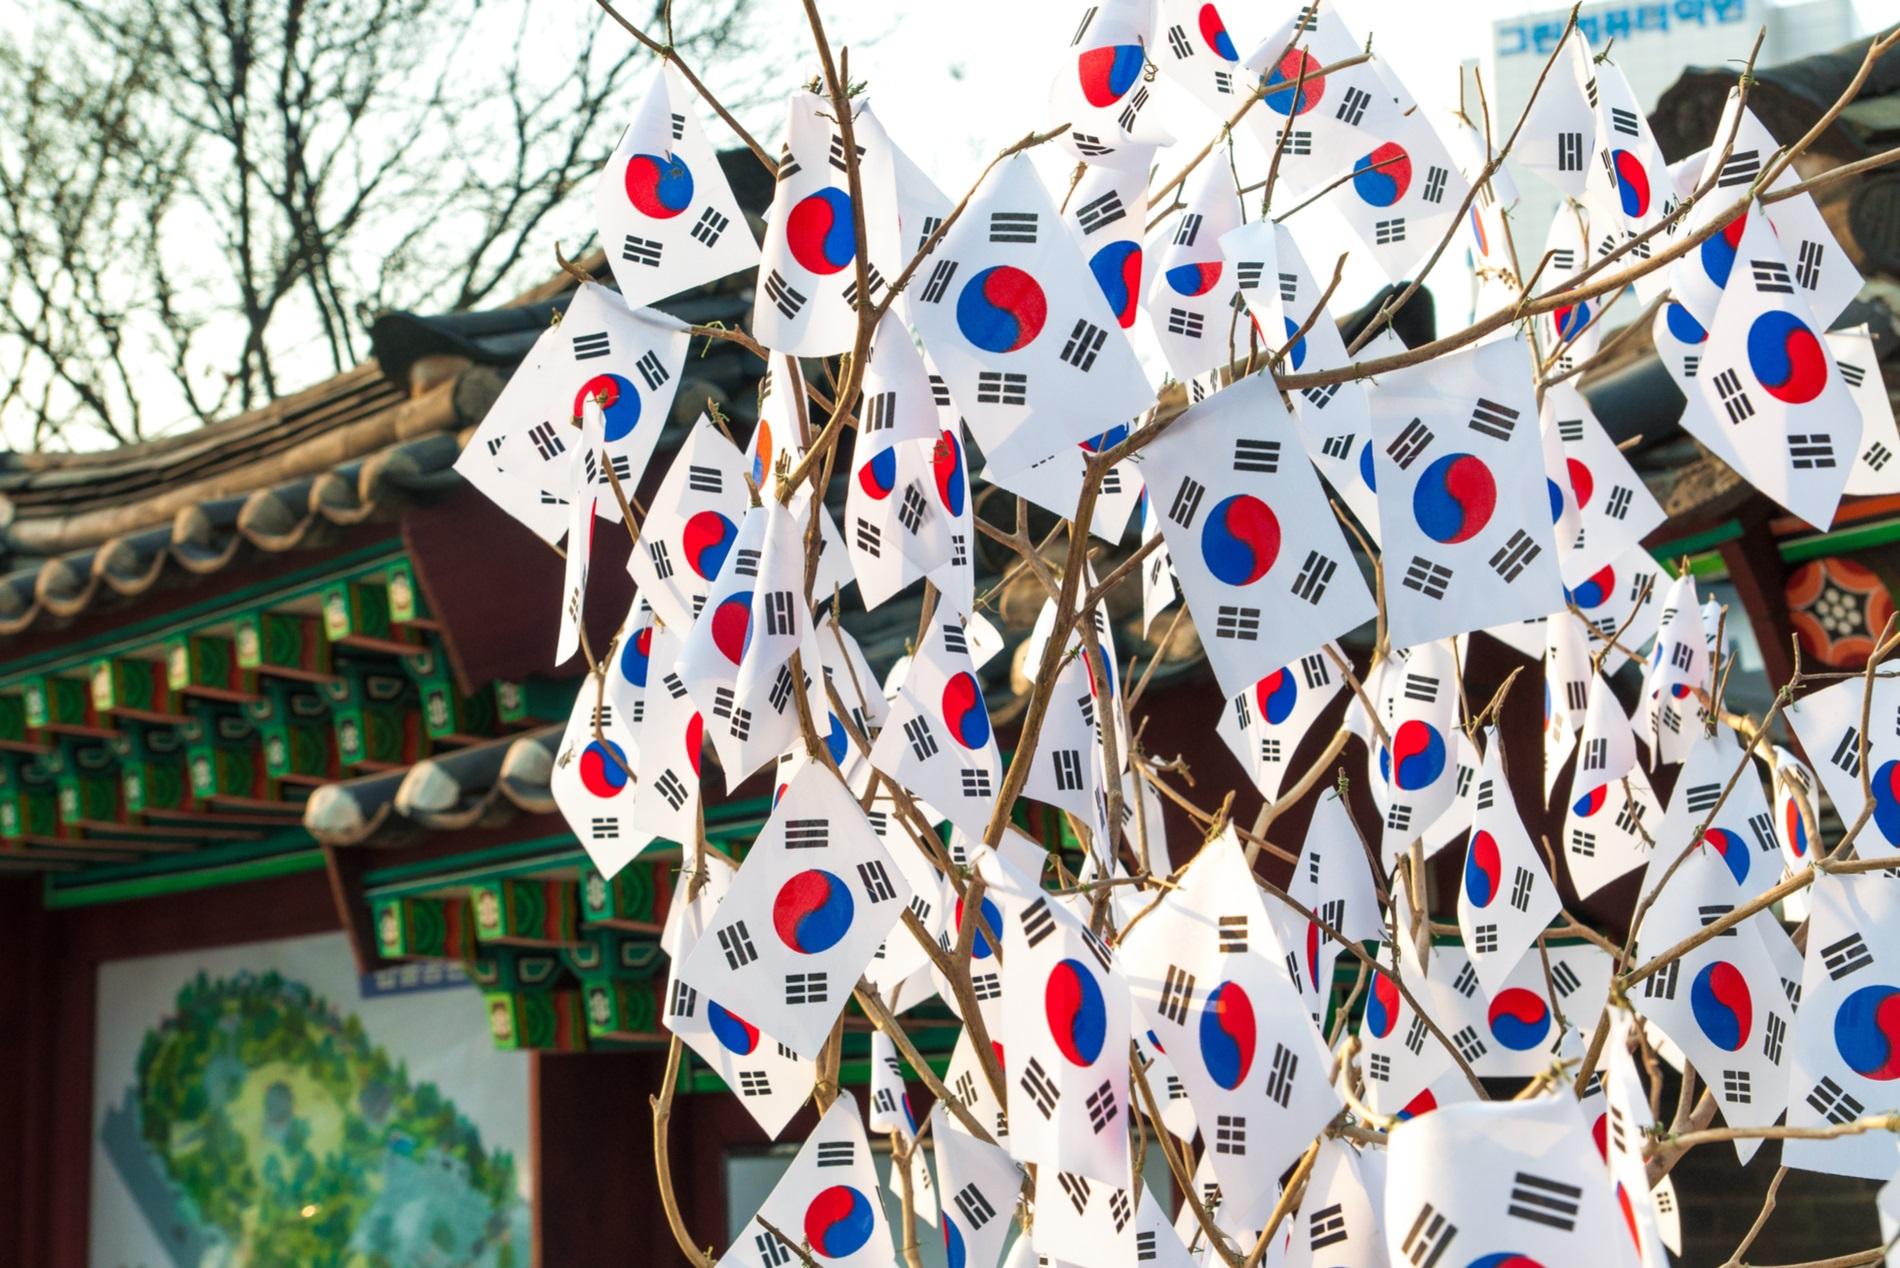 giá bitcoin: Ngân hàng Hàn Quốc công bố kế hoạch thử nghiệm đồng CBDC